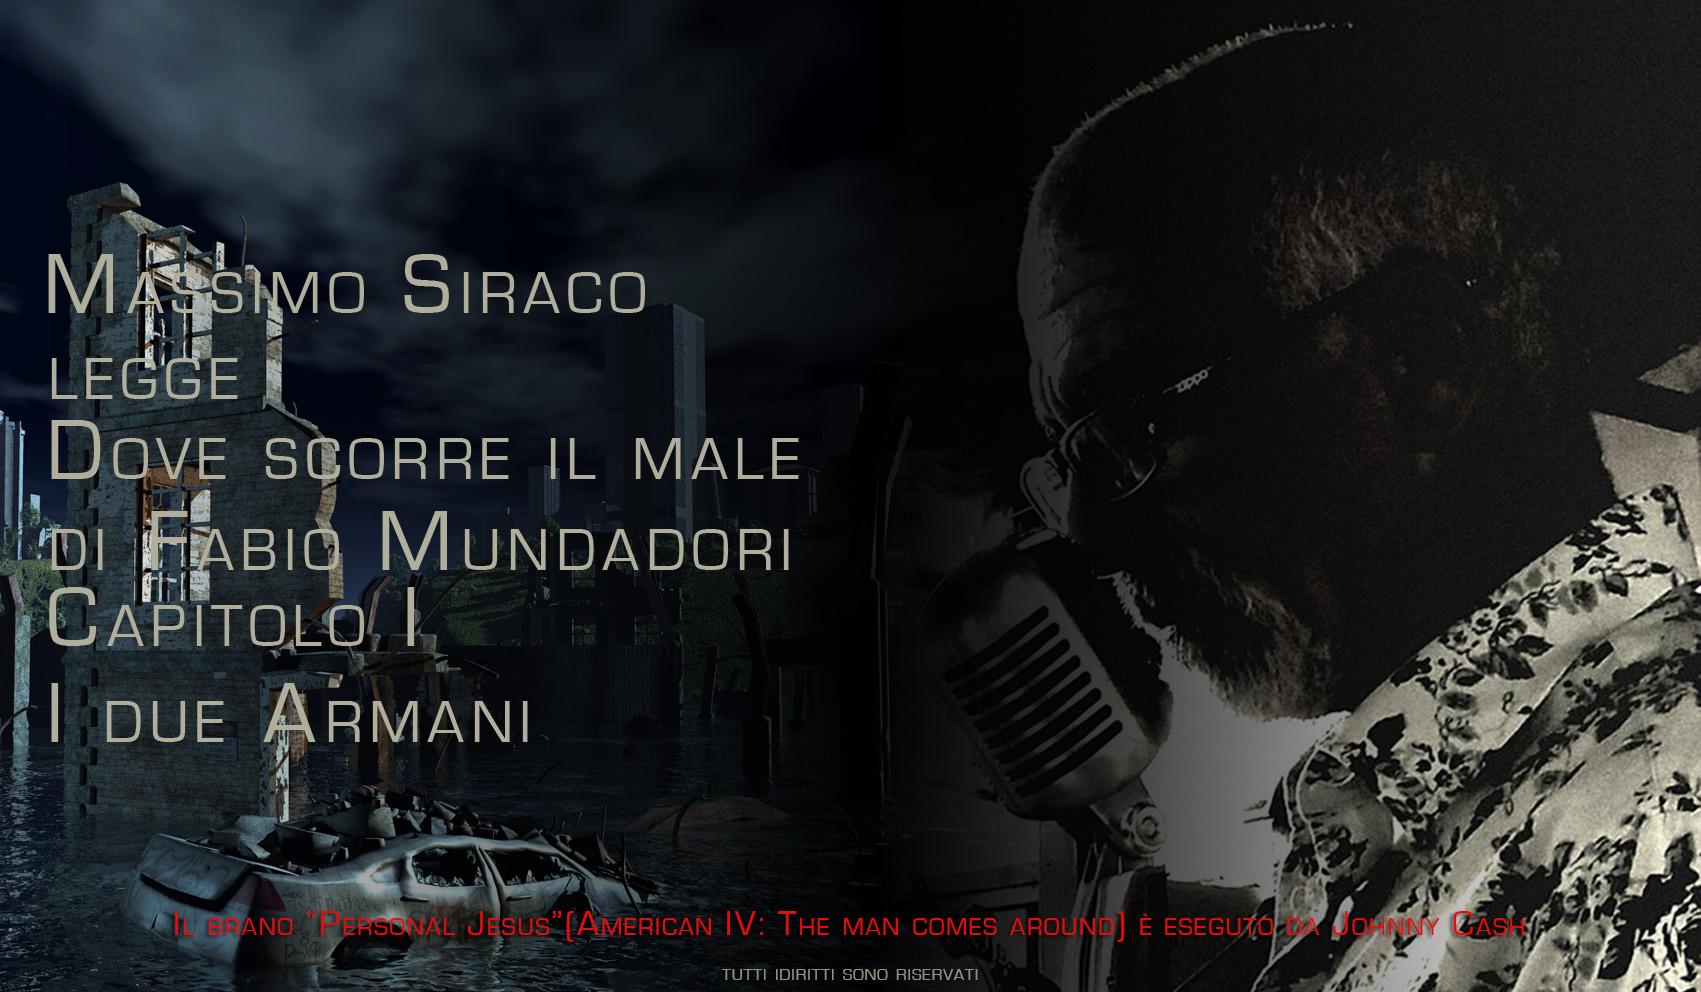 Massimo Siraco legge Dove scorre il male